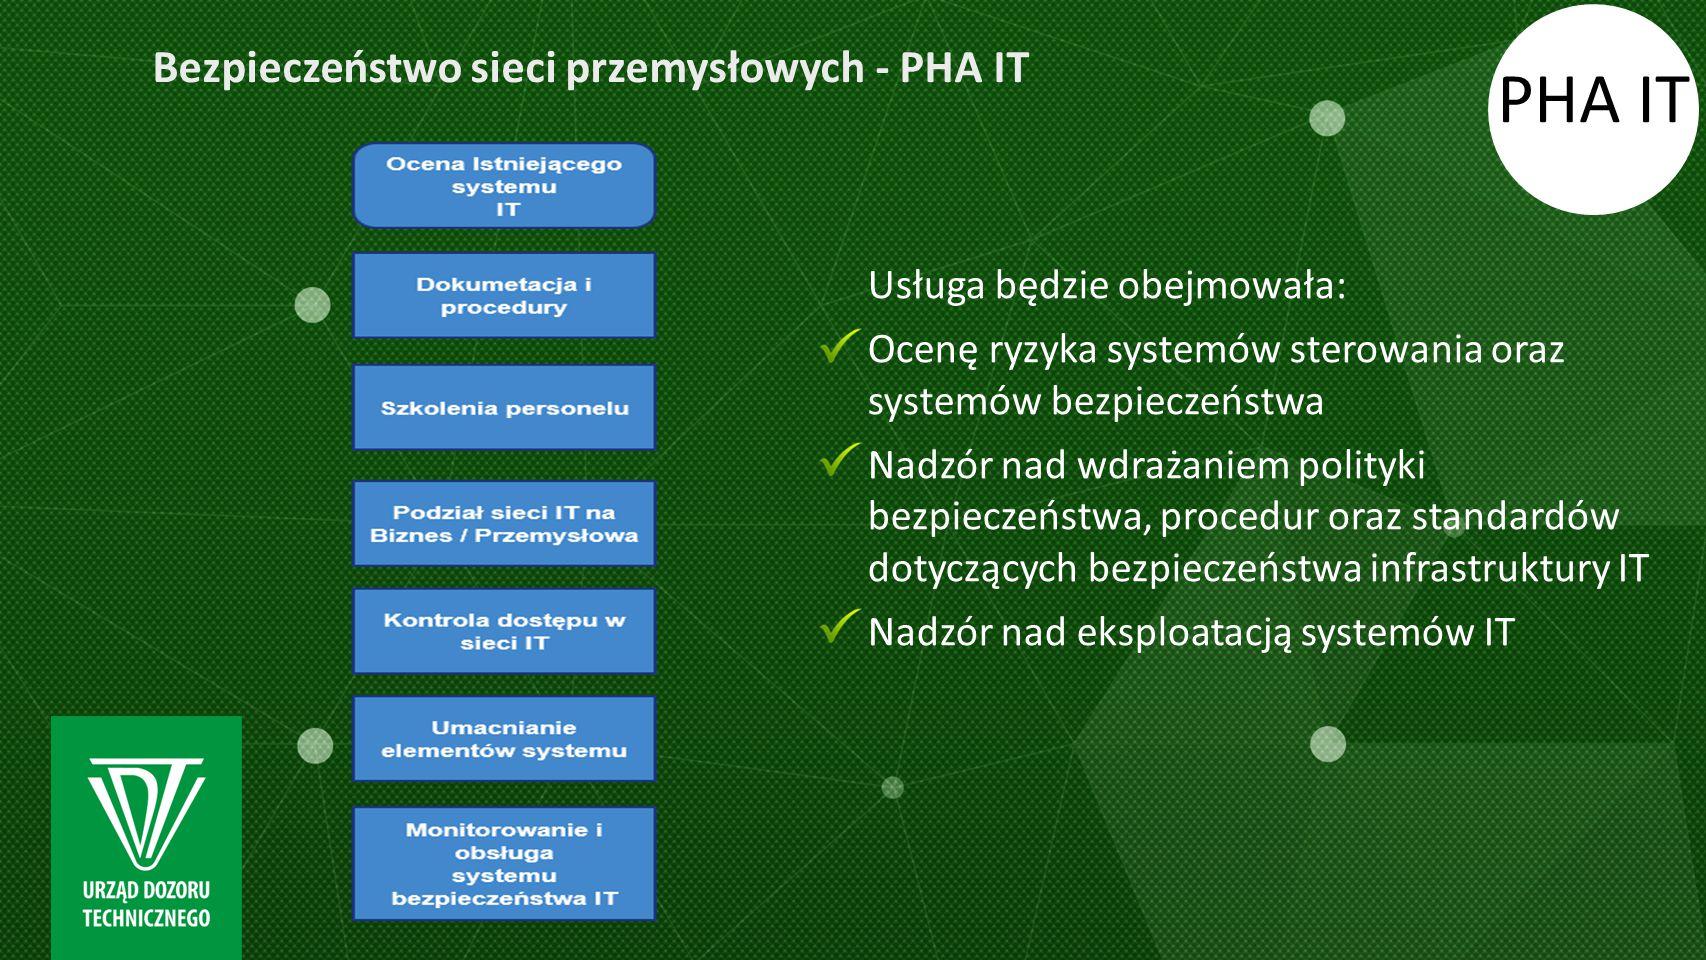 PHA IT Bezpieczeństwo sieci przemysłowych - PHA IT